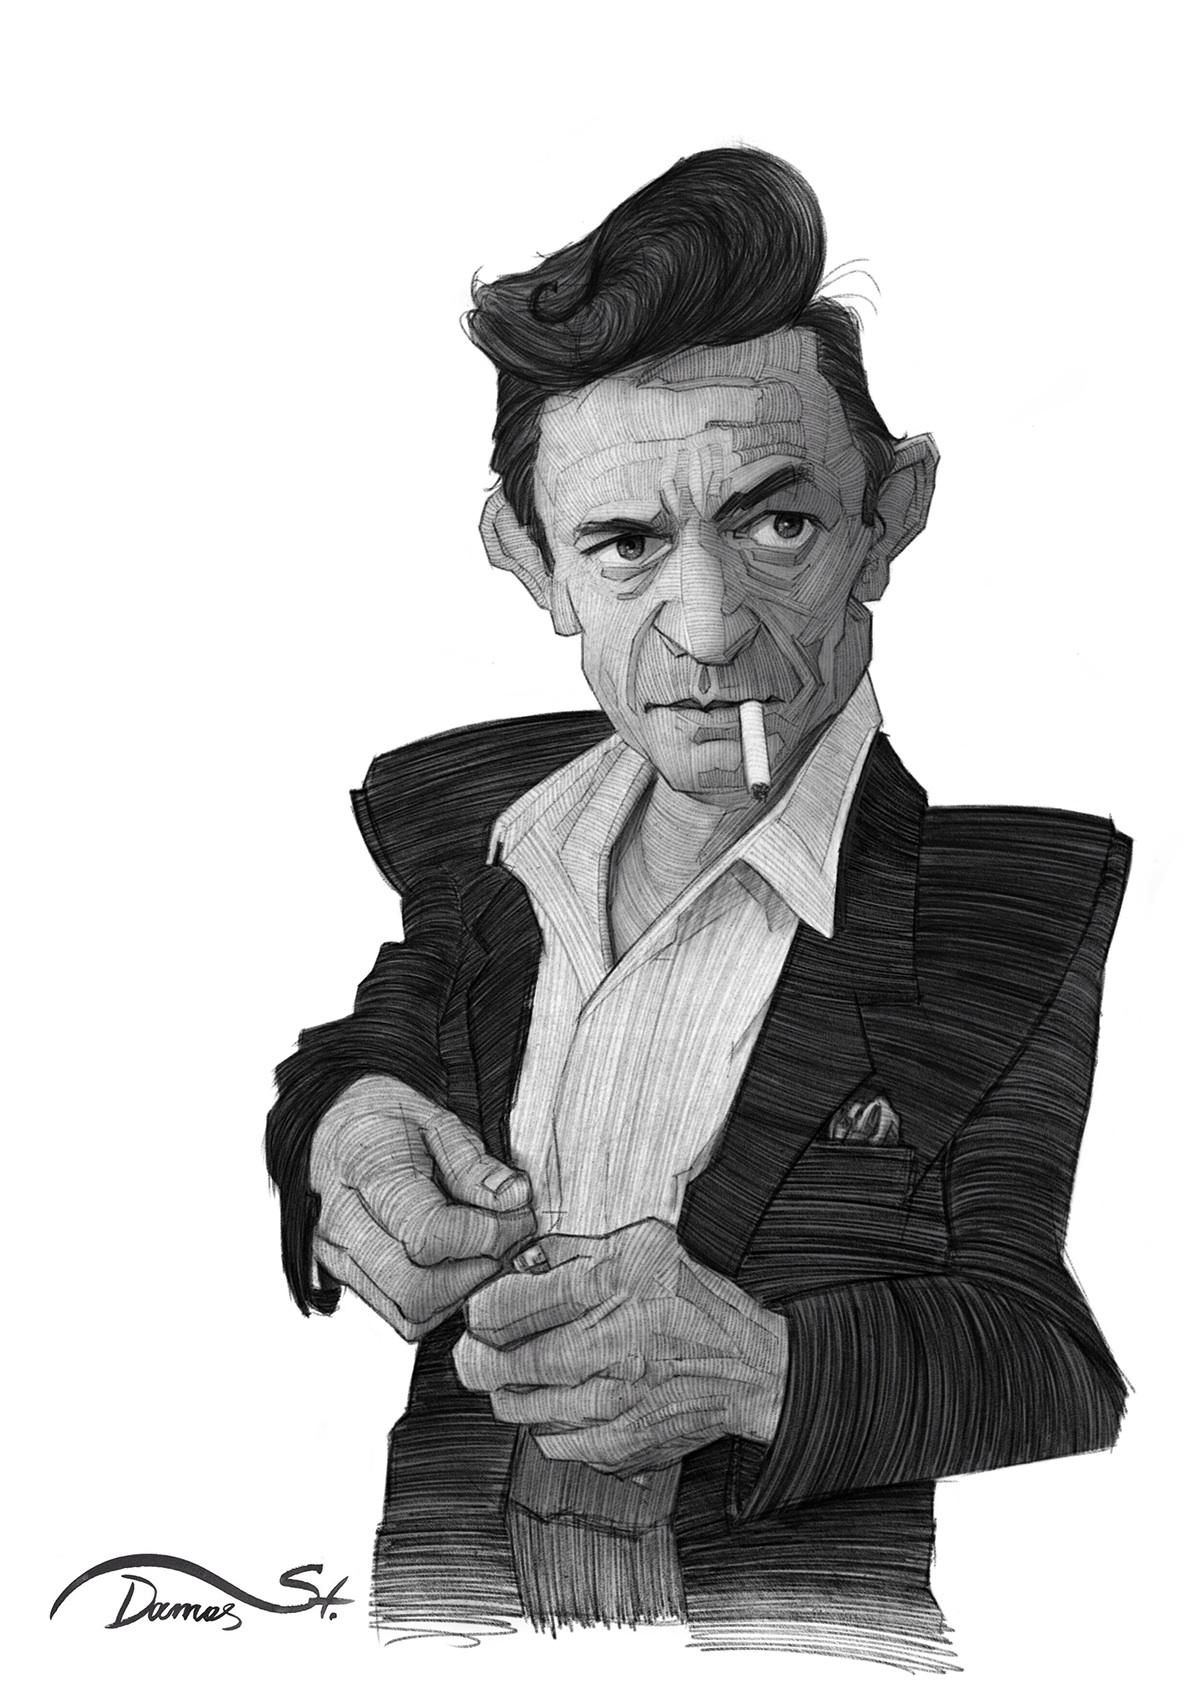 sketch portrait caricature   famous editorial musician legend Singer